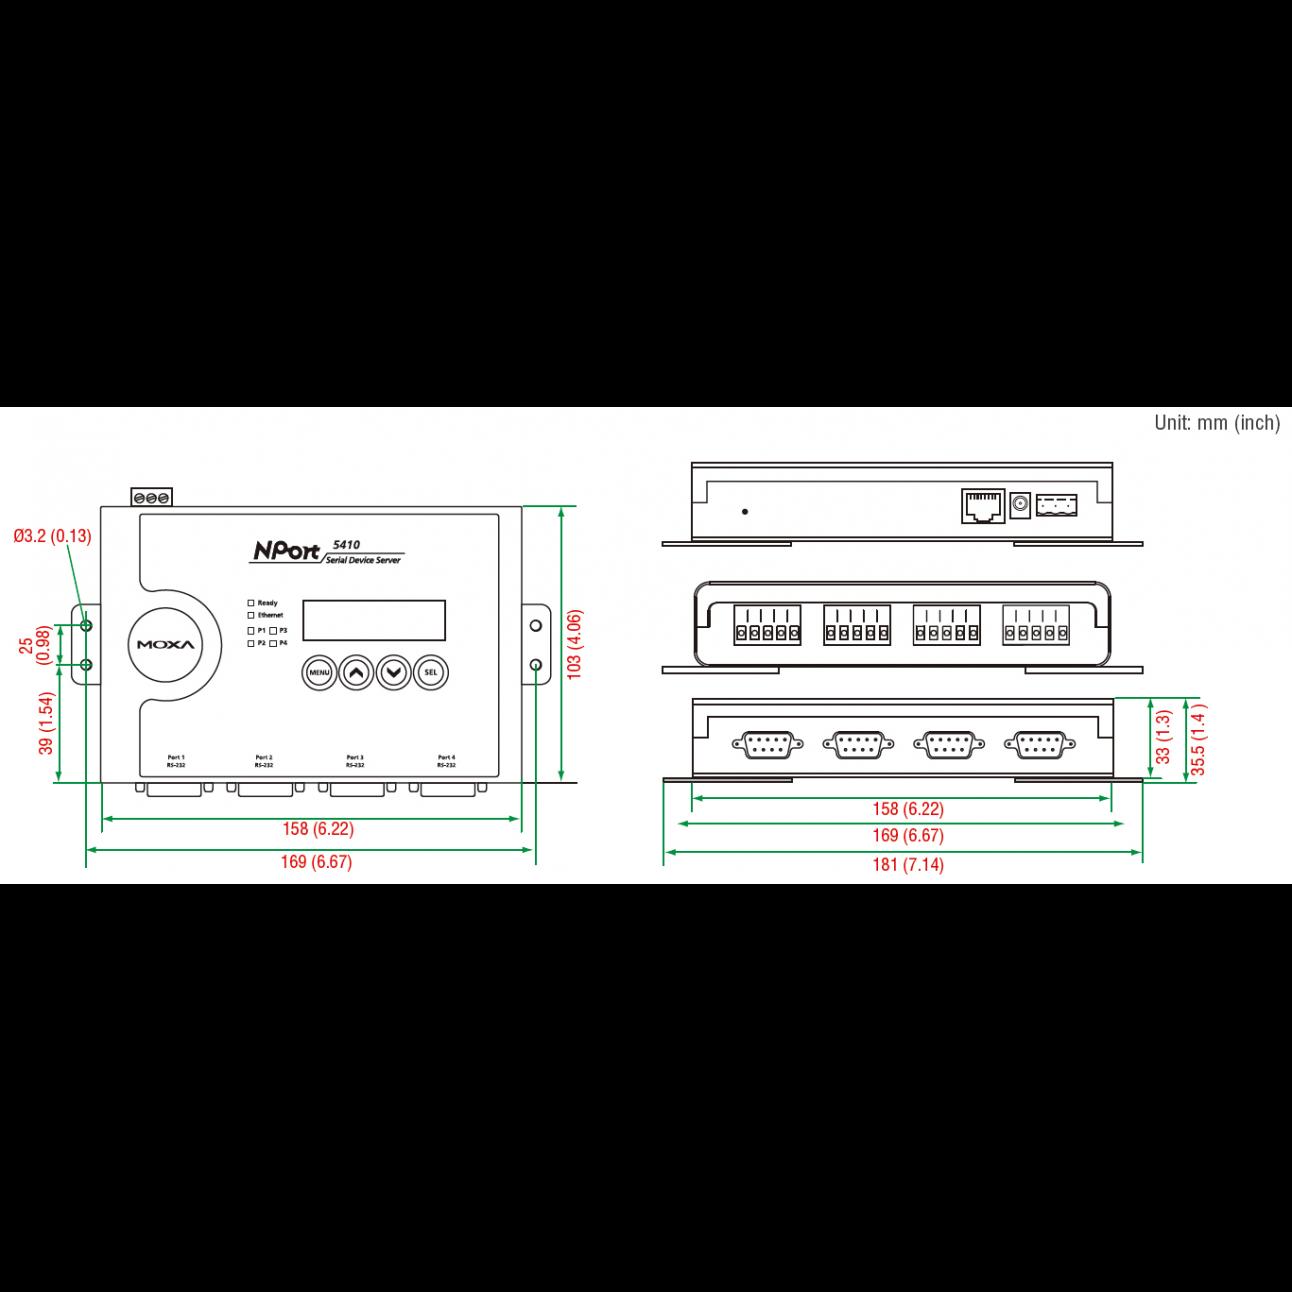 NPort 5430 4-портовый асинхронный сервер RS-422/485 в Ethernet MOXA